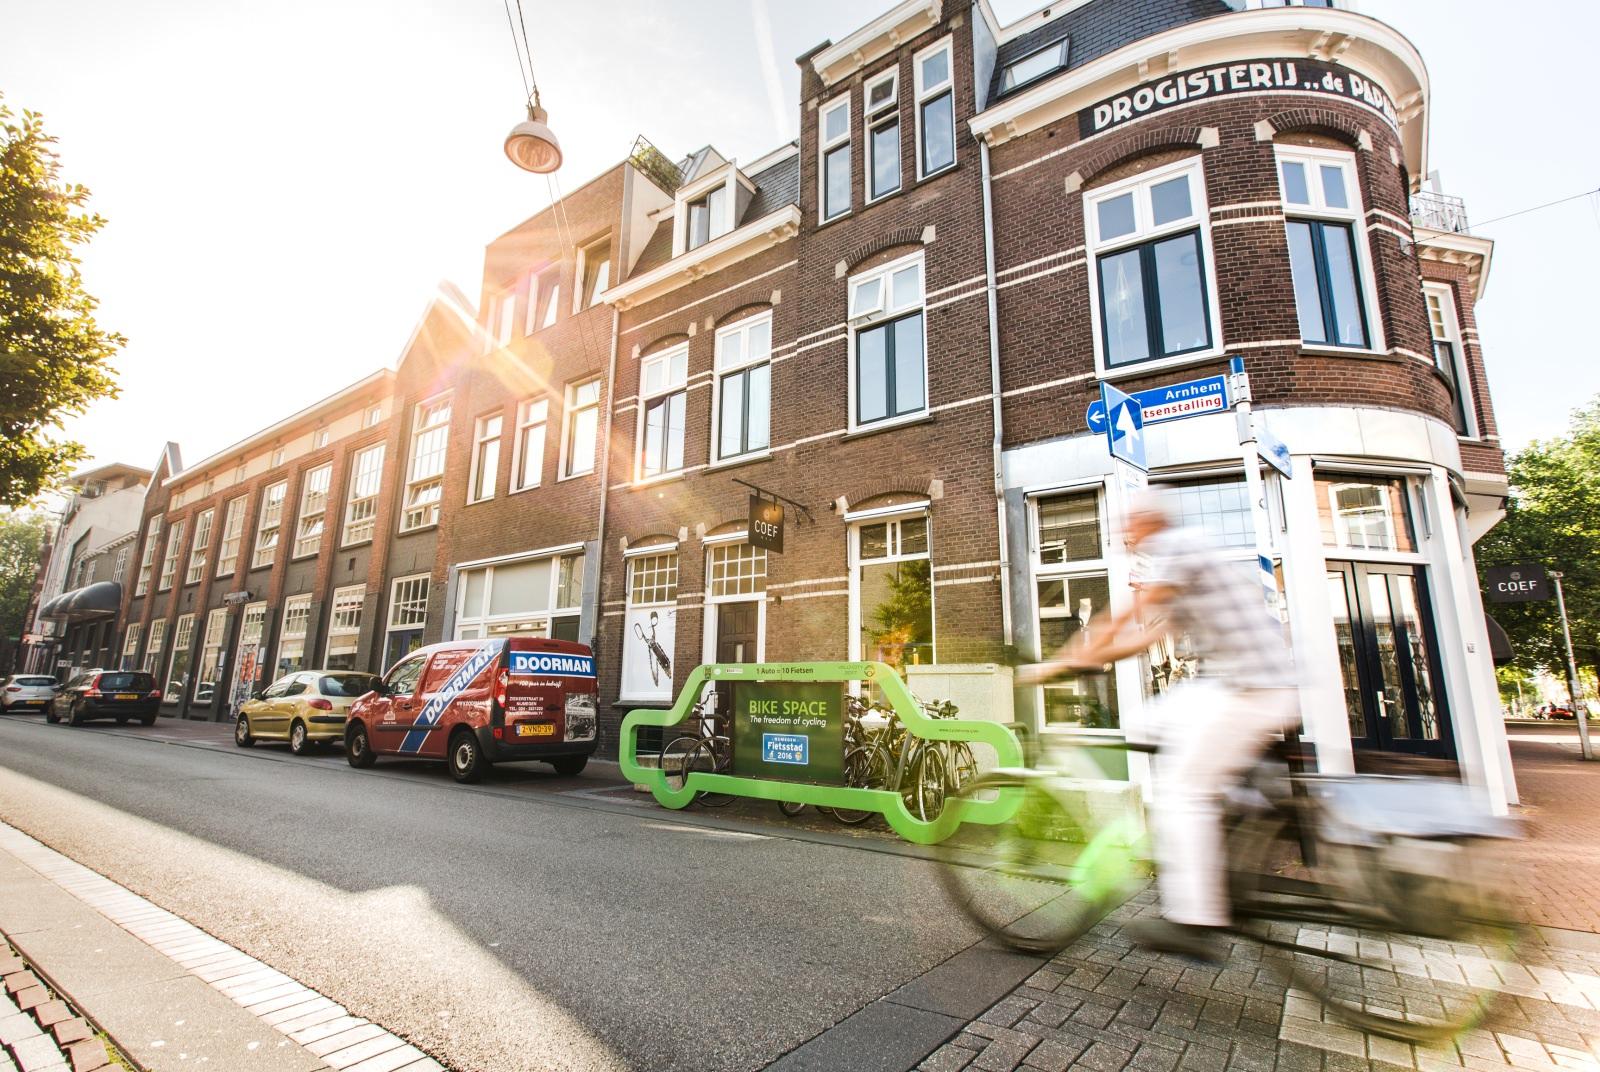 Radabstellanlage Nimwegen Niederlande Parkplatz Design Nijmegen Radverkehr